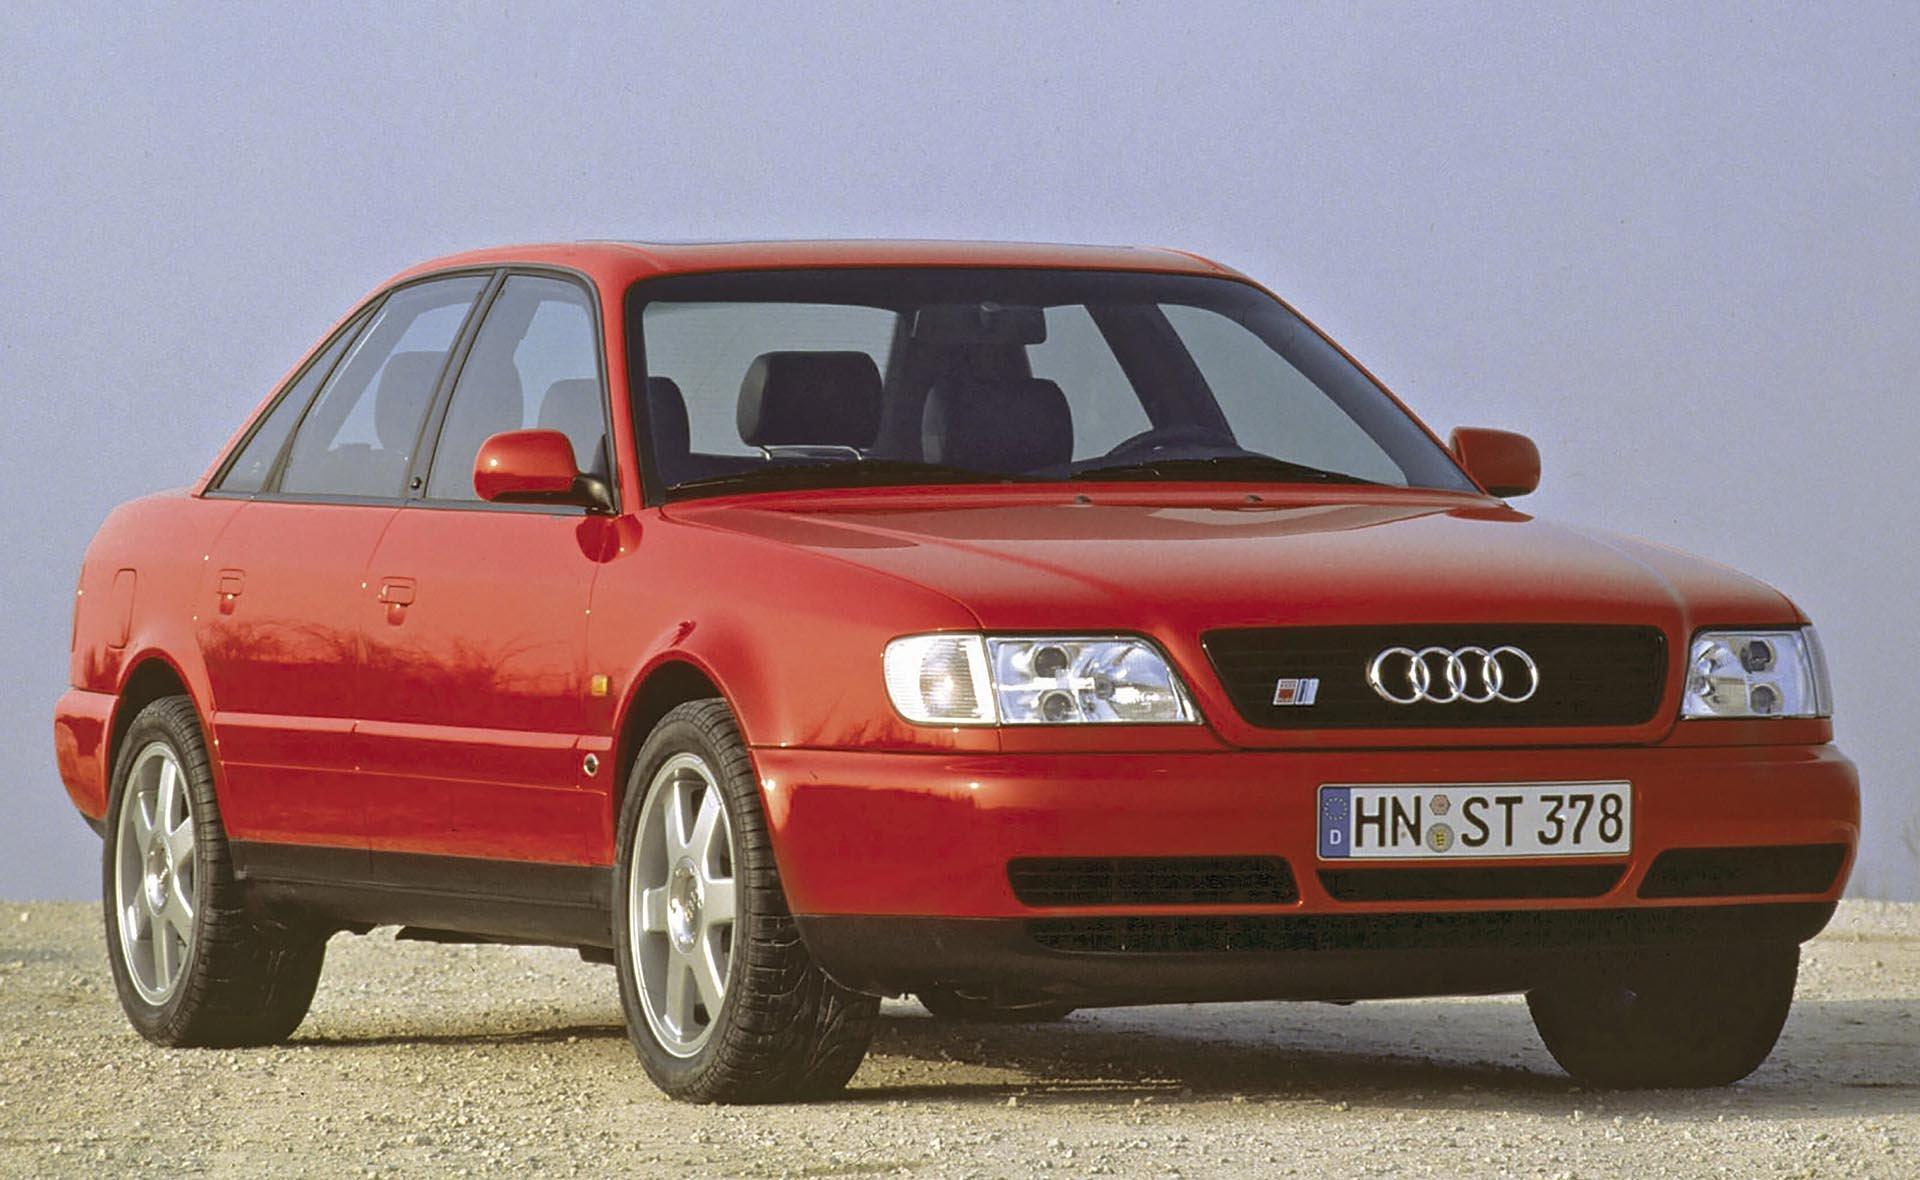 07_Audi C4 S6 2.2 turbo Quattro front